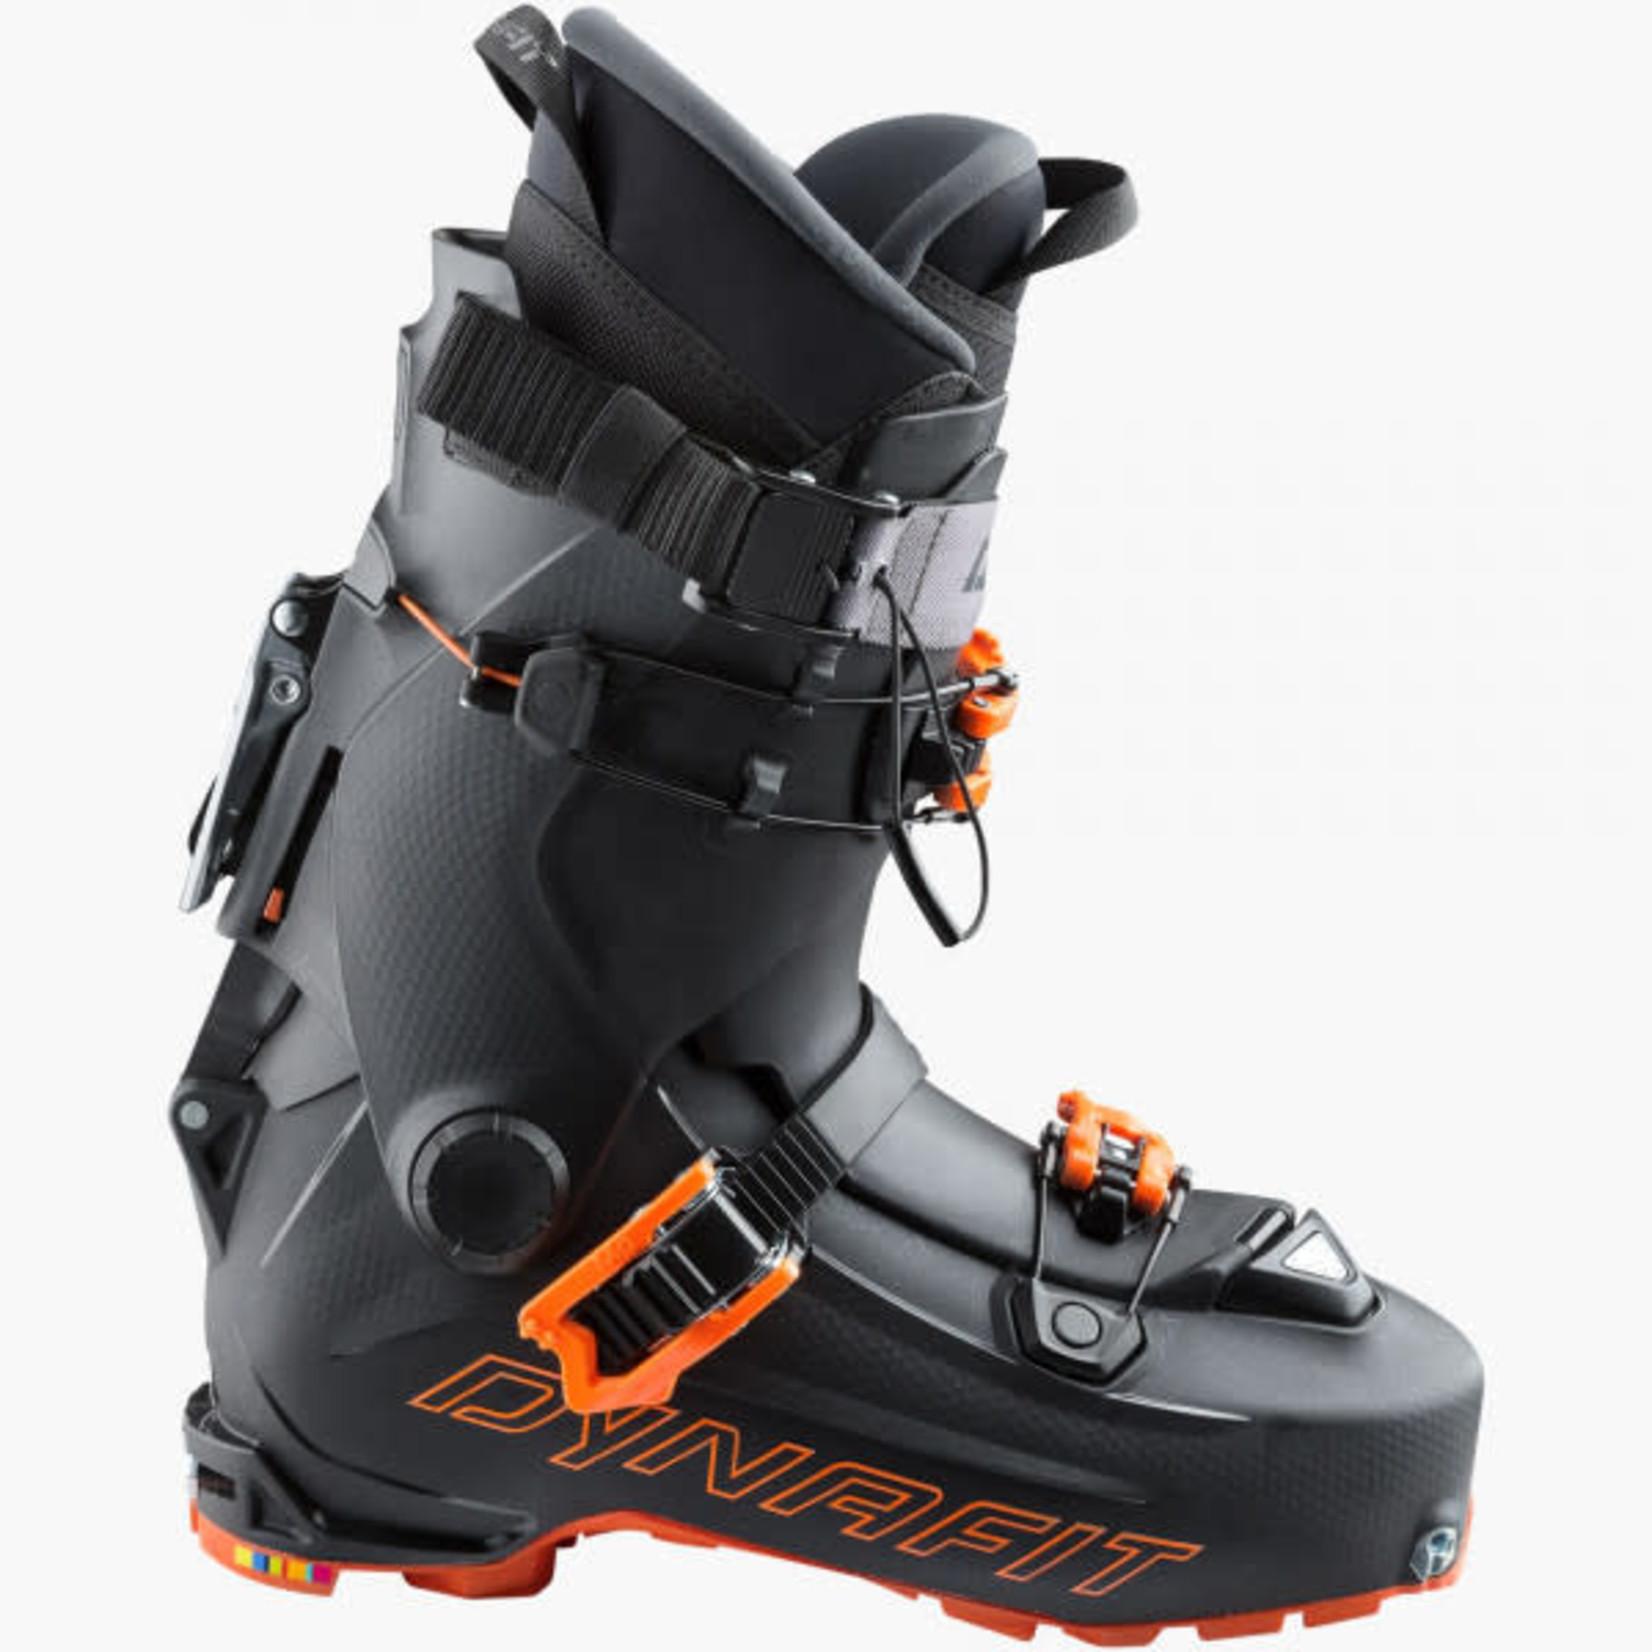 Dynafit Hoji Pro Tour Ski Boot Size 27.5